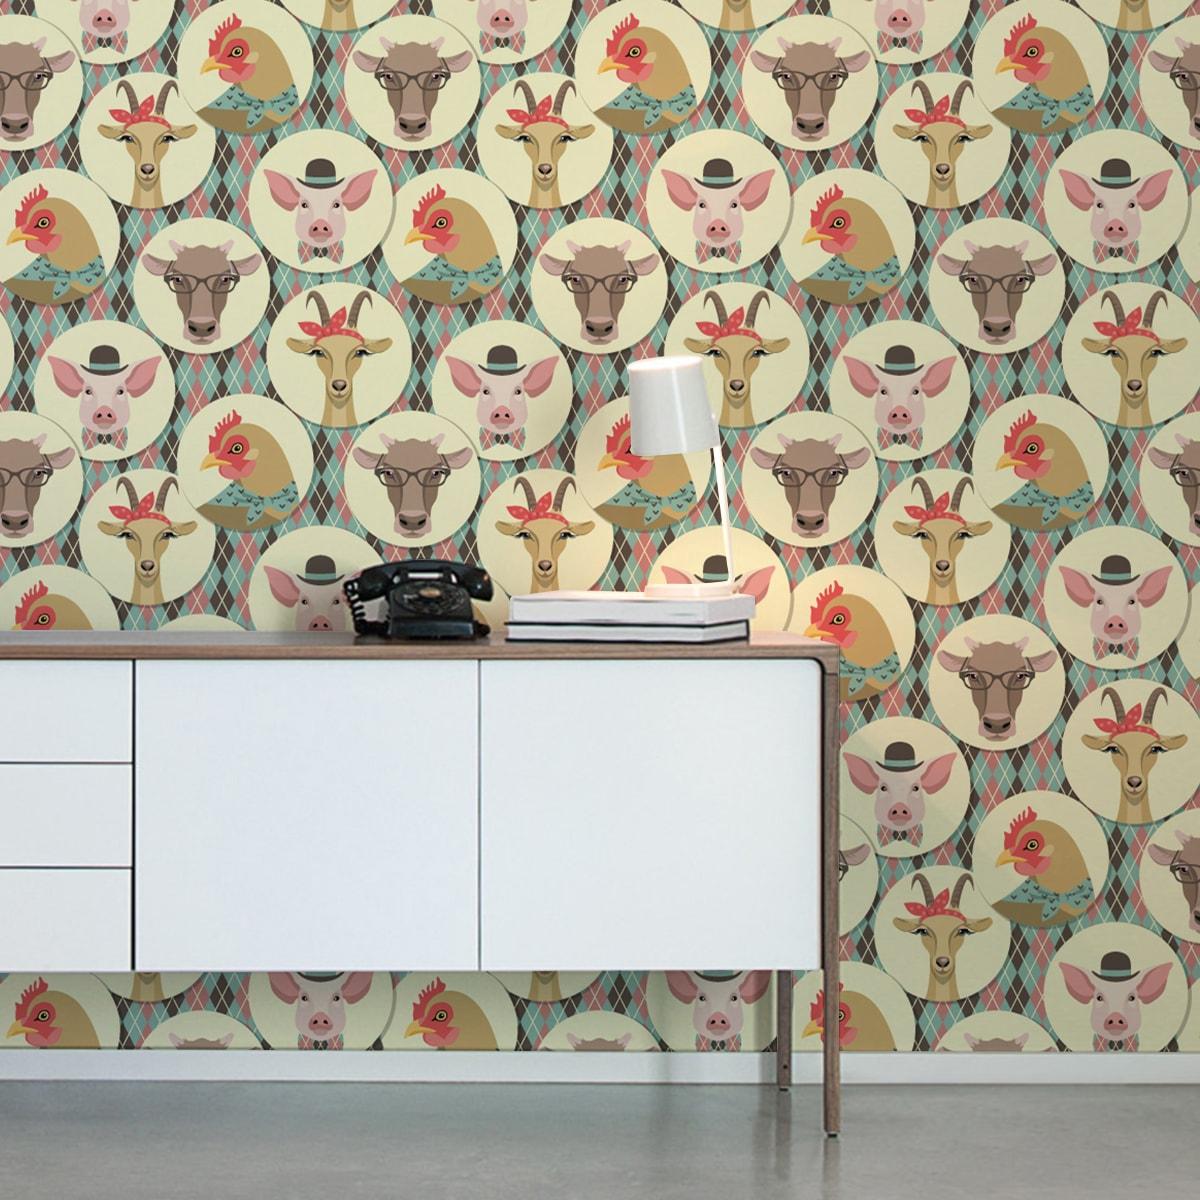 """Wandtapete dunkel braun: Design Tapete """"Funny Portrait Gallery"""" mit Schweinen, Ziegen und Kühen auf Schotten Karo in türkis - groß"""